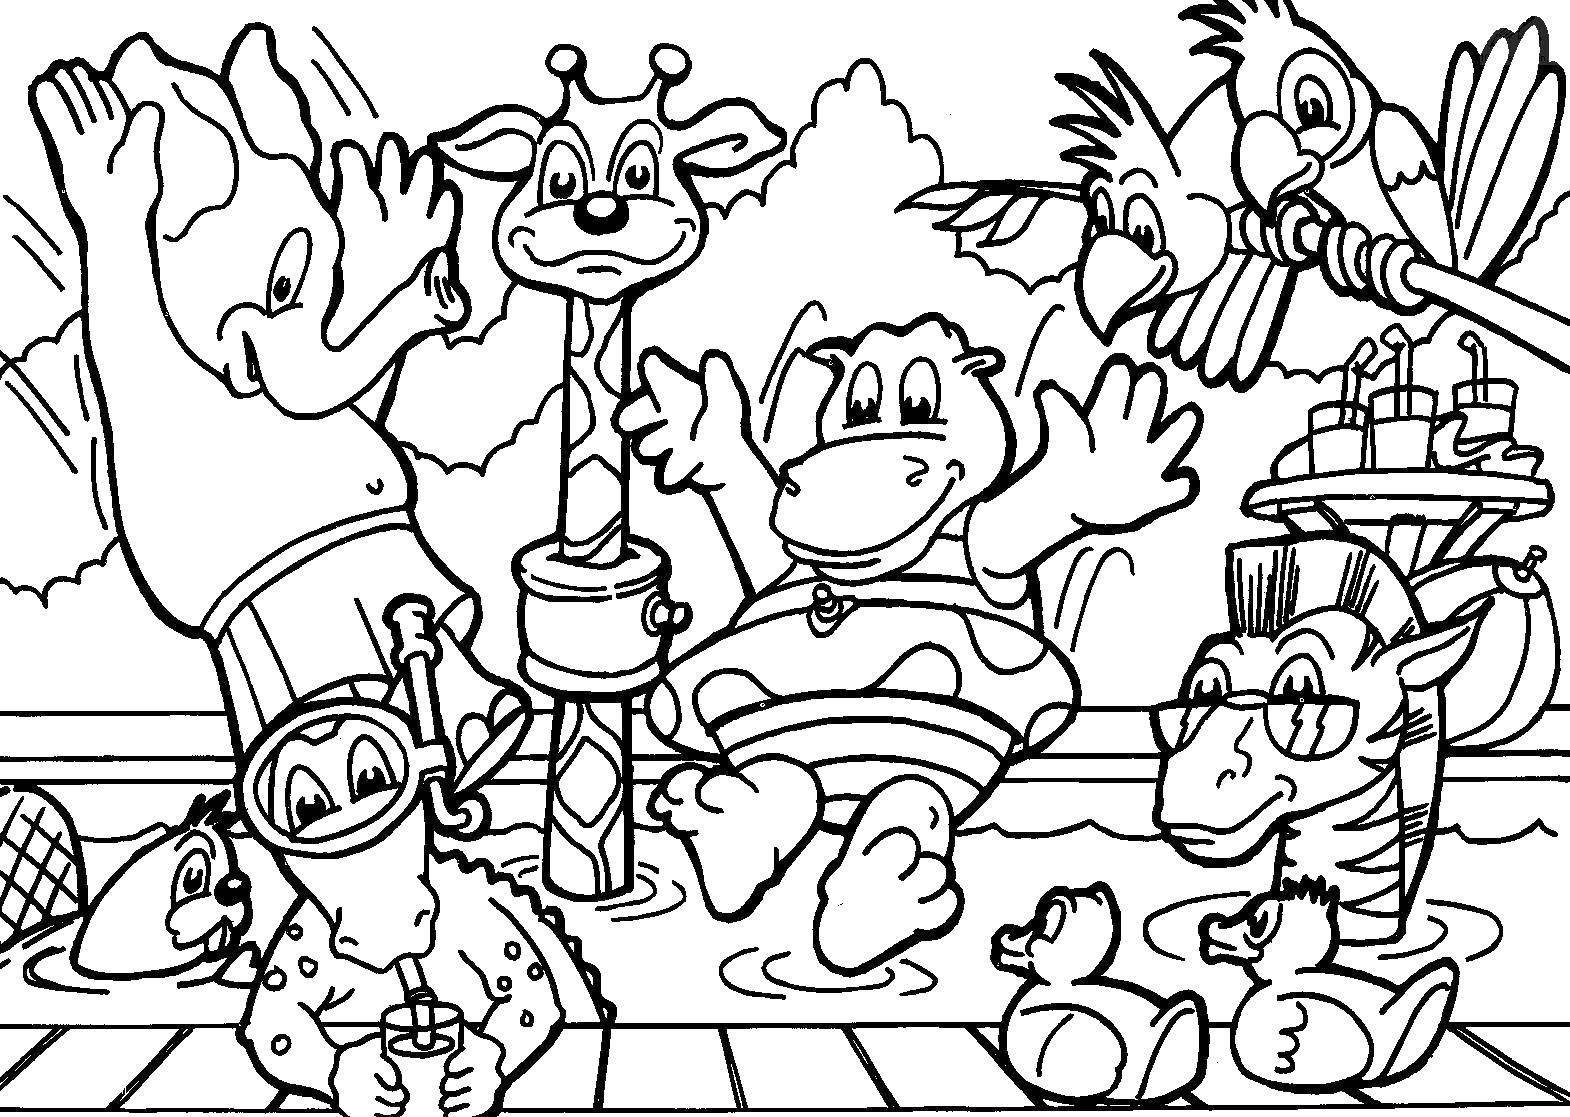 Раскраска  Скачать Игры, Angry Birds .  Распечатать ,angry birds,